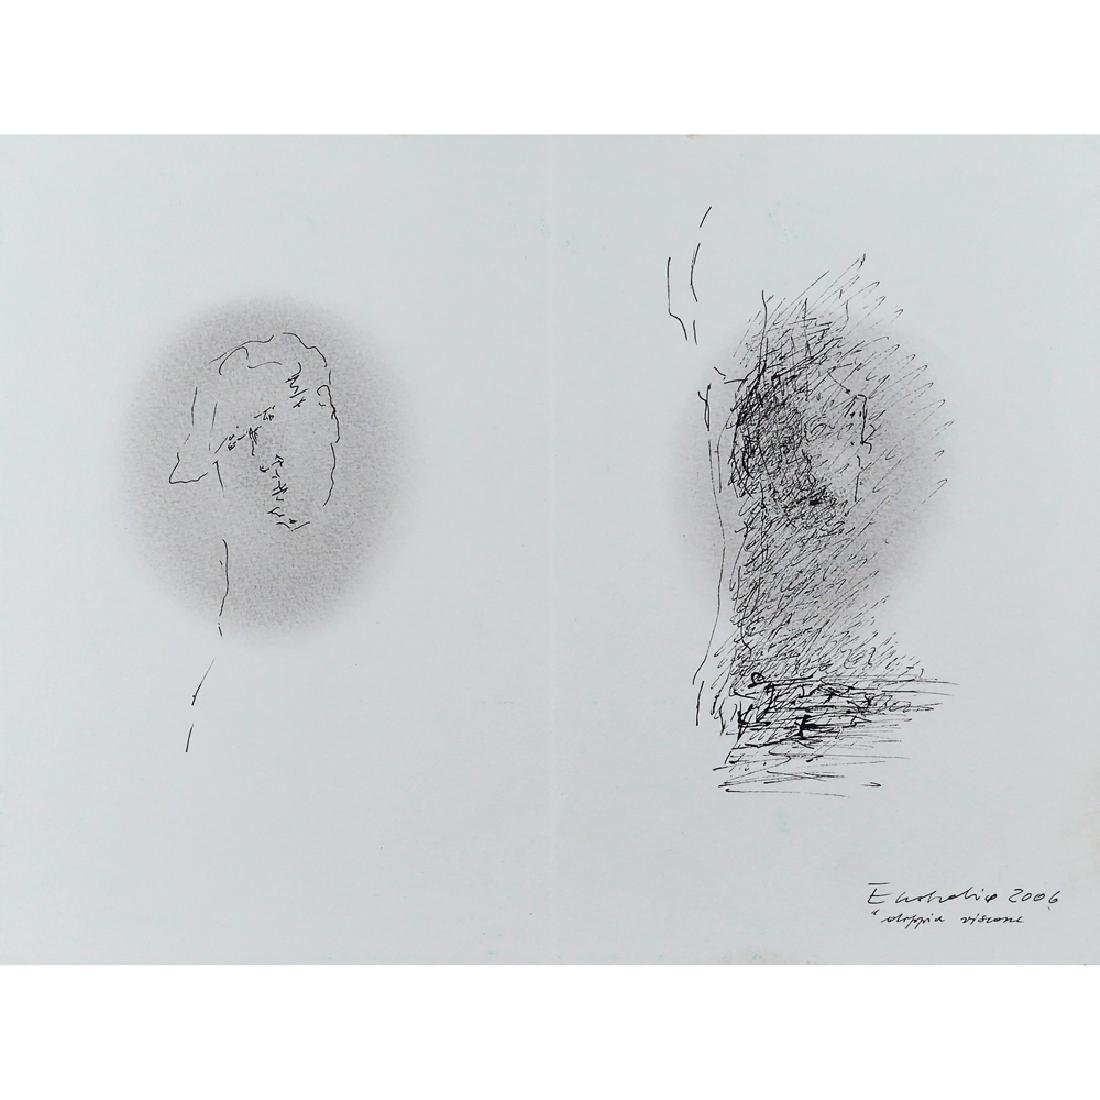 Maril— Eustachio Merano 1934 23.8x31.8 cm.